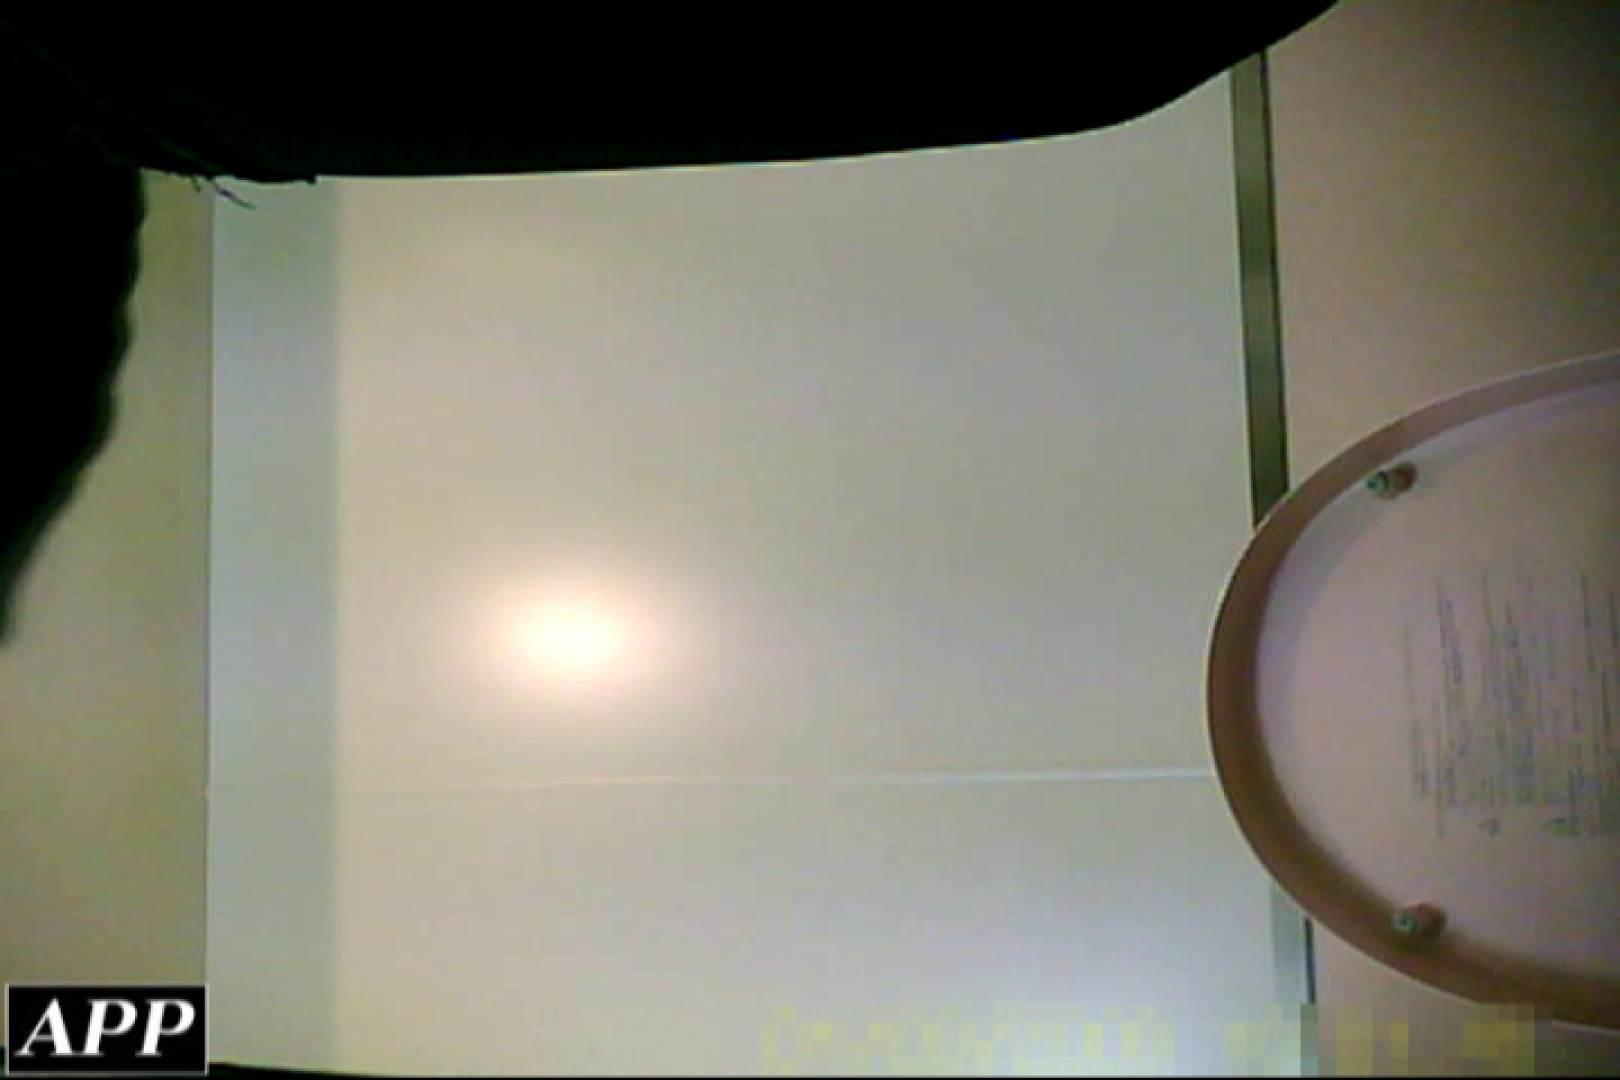 3視点洗面所 vol.35 オマンコ  68pic 12